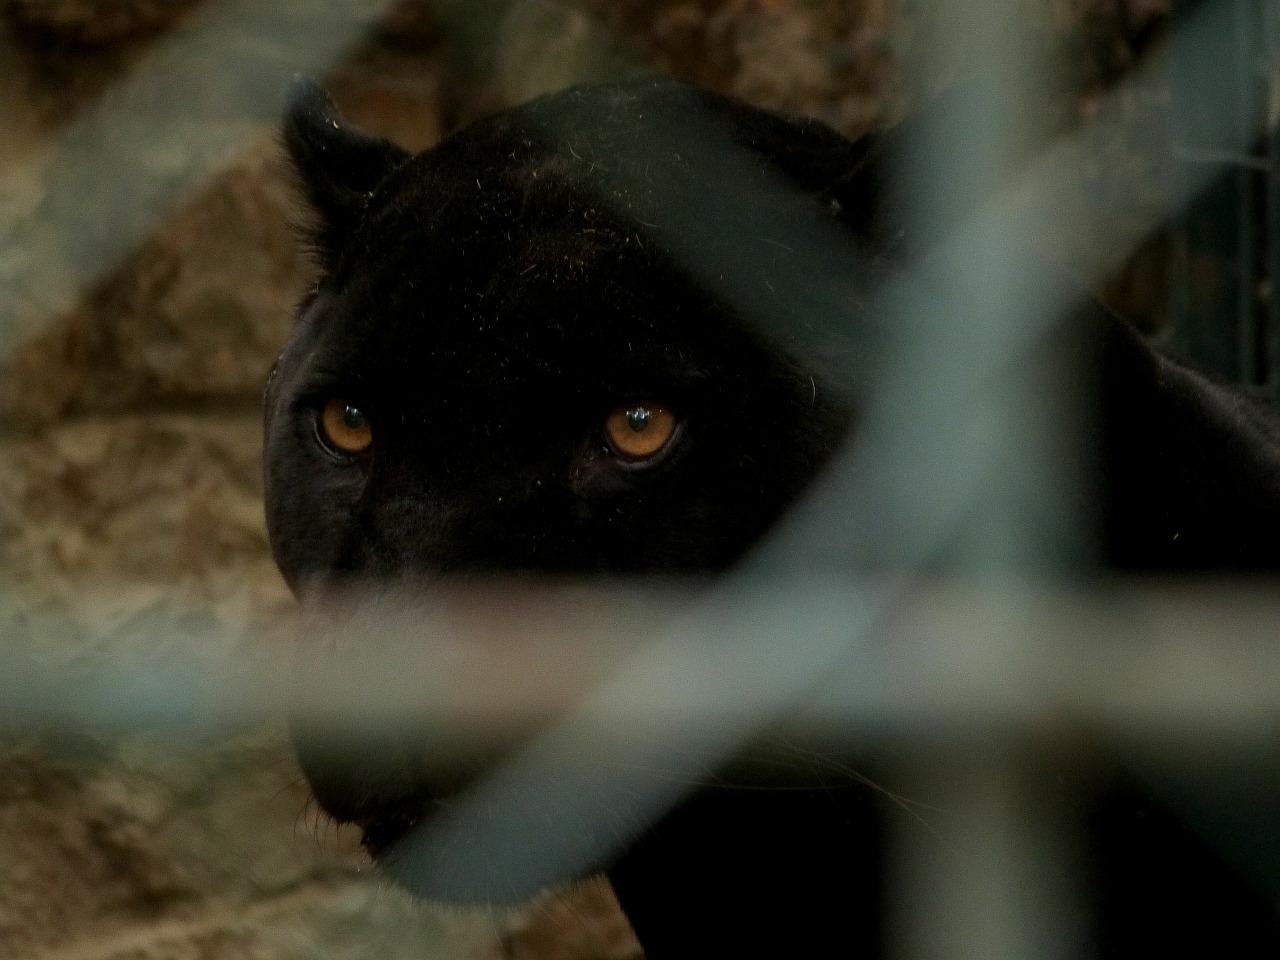 Panthère noire à Armentières: le fauve appartenait à un particulier